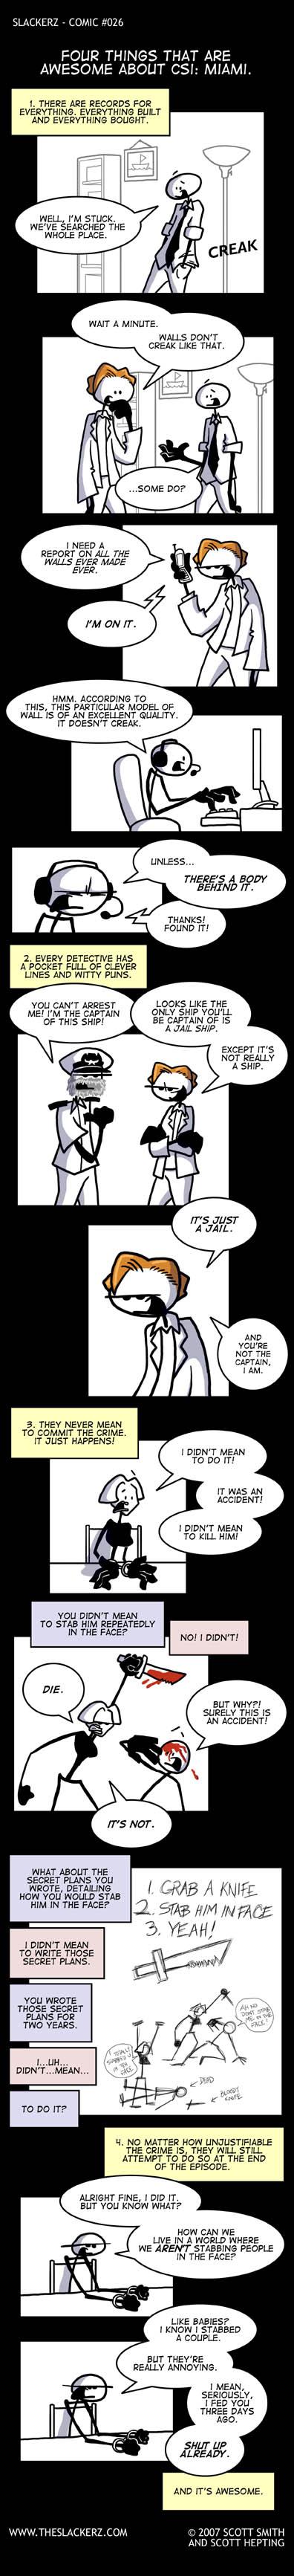 Comic026